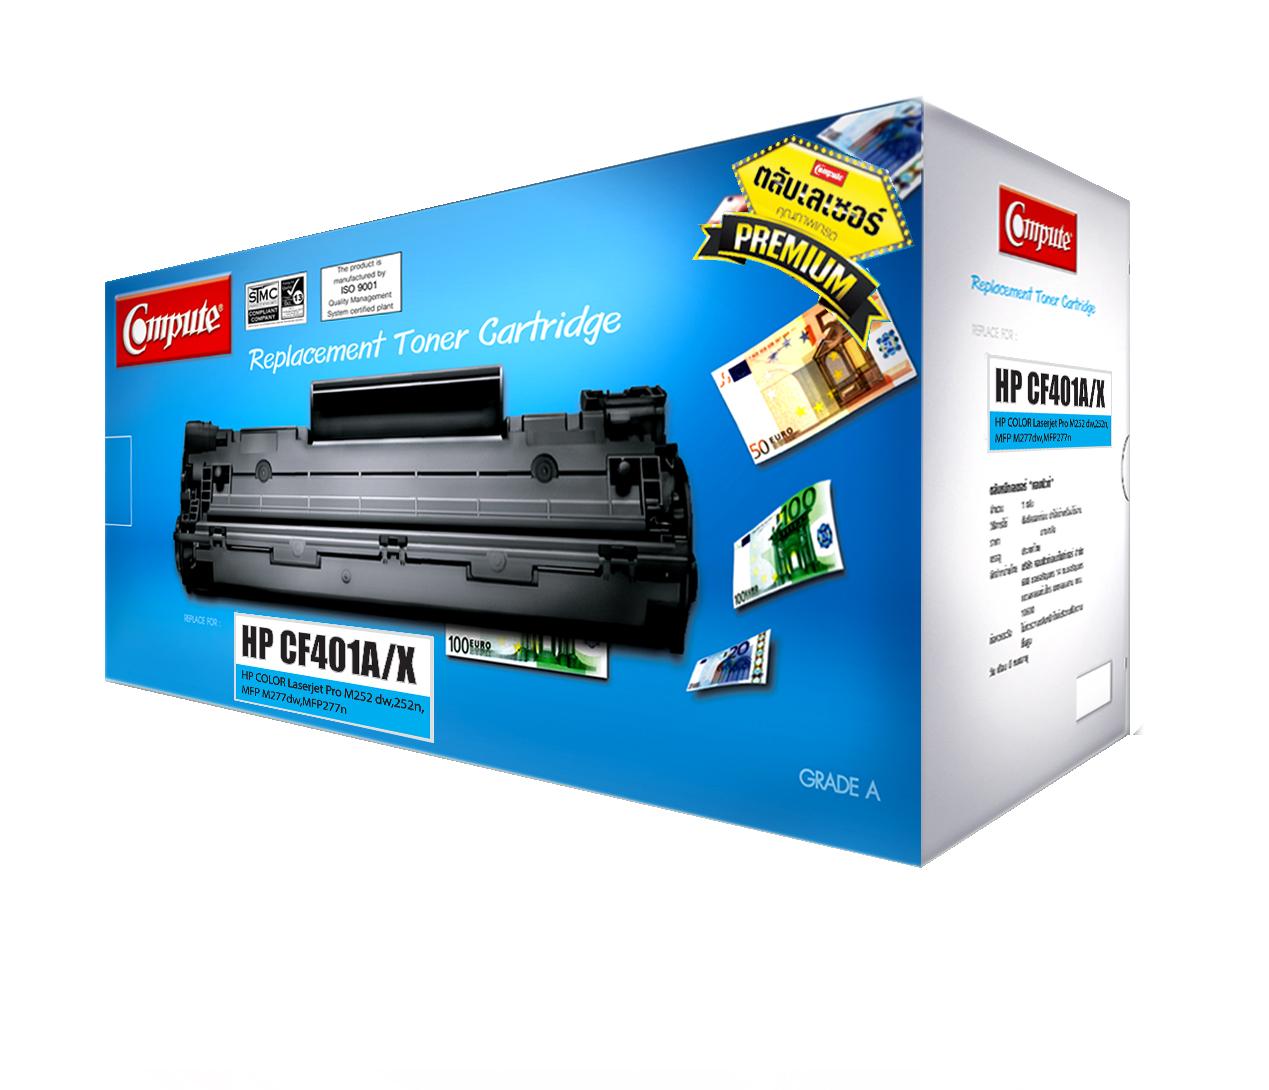 ตลับหมึกเลเซอร์ HP 201A/ 201X, CF401A/ CF401X (Cyan) Compute (Toner Cartridge)